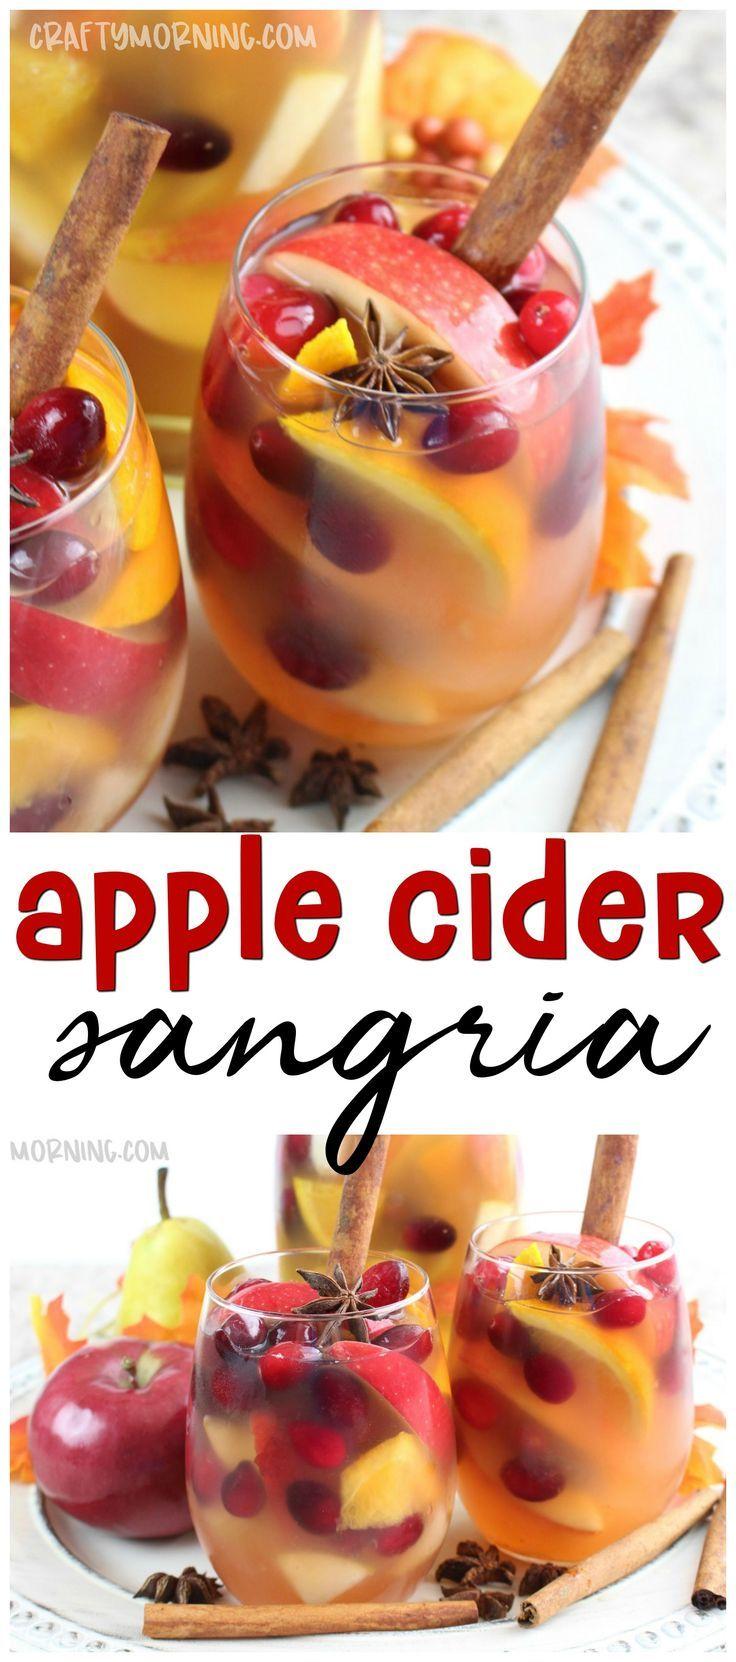 Machen Sie dieses köstliche Apfelwein Sangria Getränk für den Herbst! Lecker und erfrischend ...